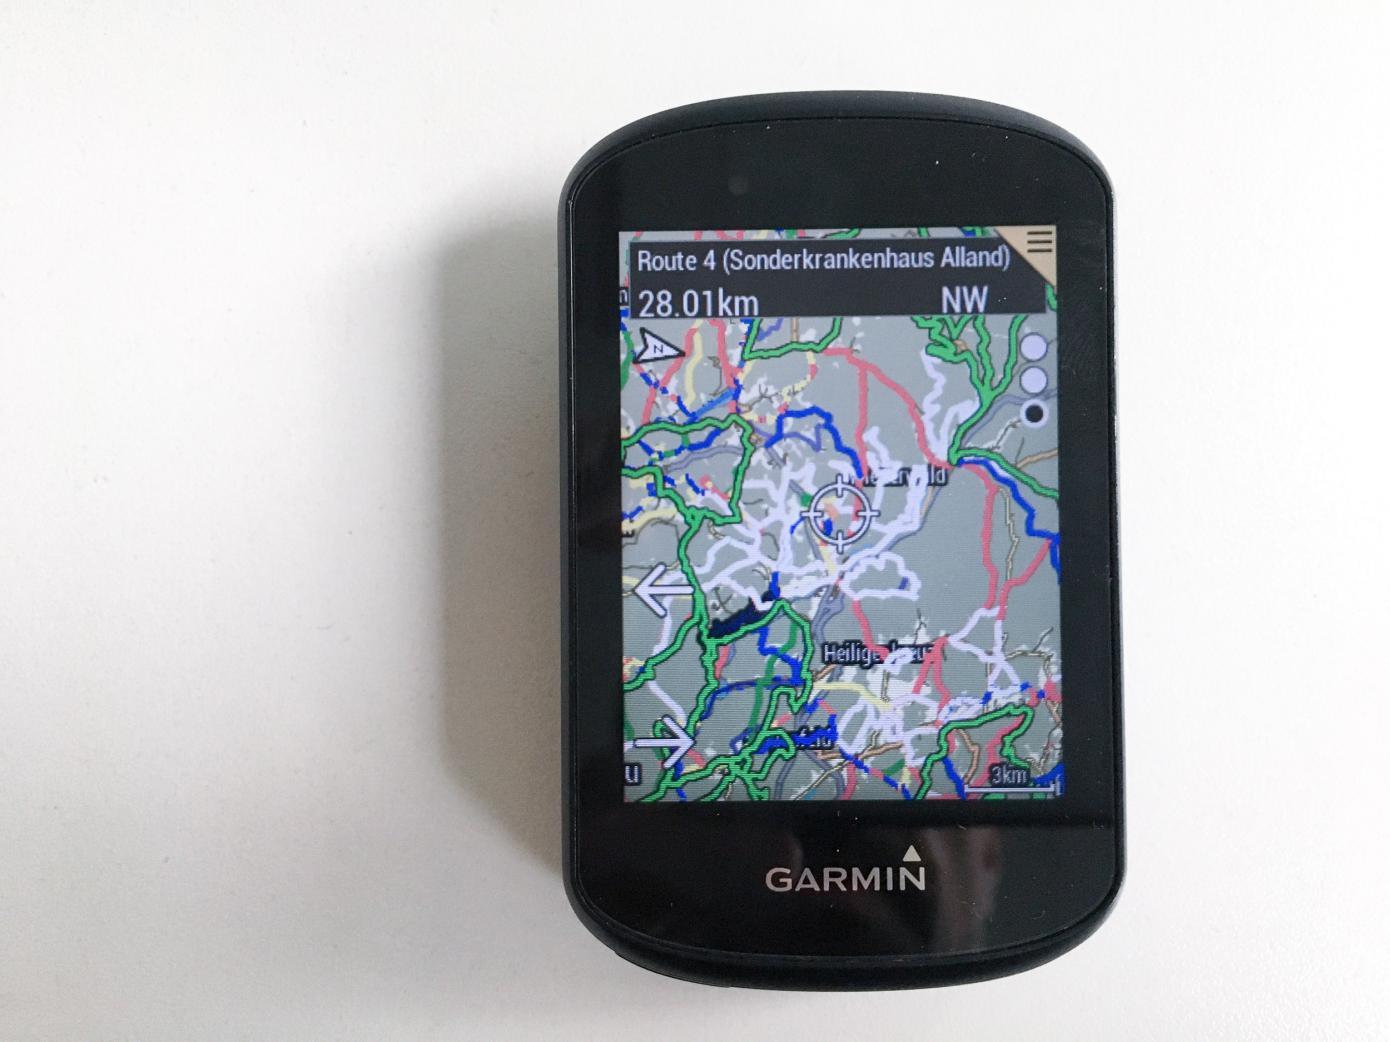 Transparentes Overlay von Wanderwegen, Zoom 3 km